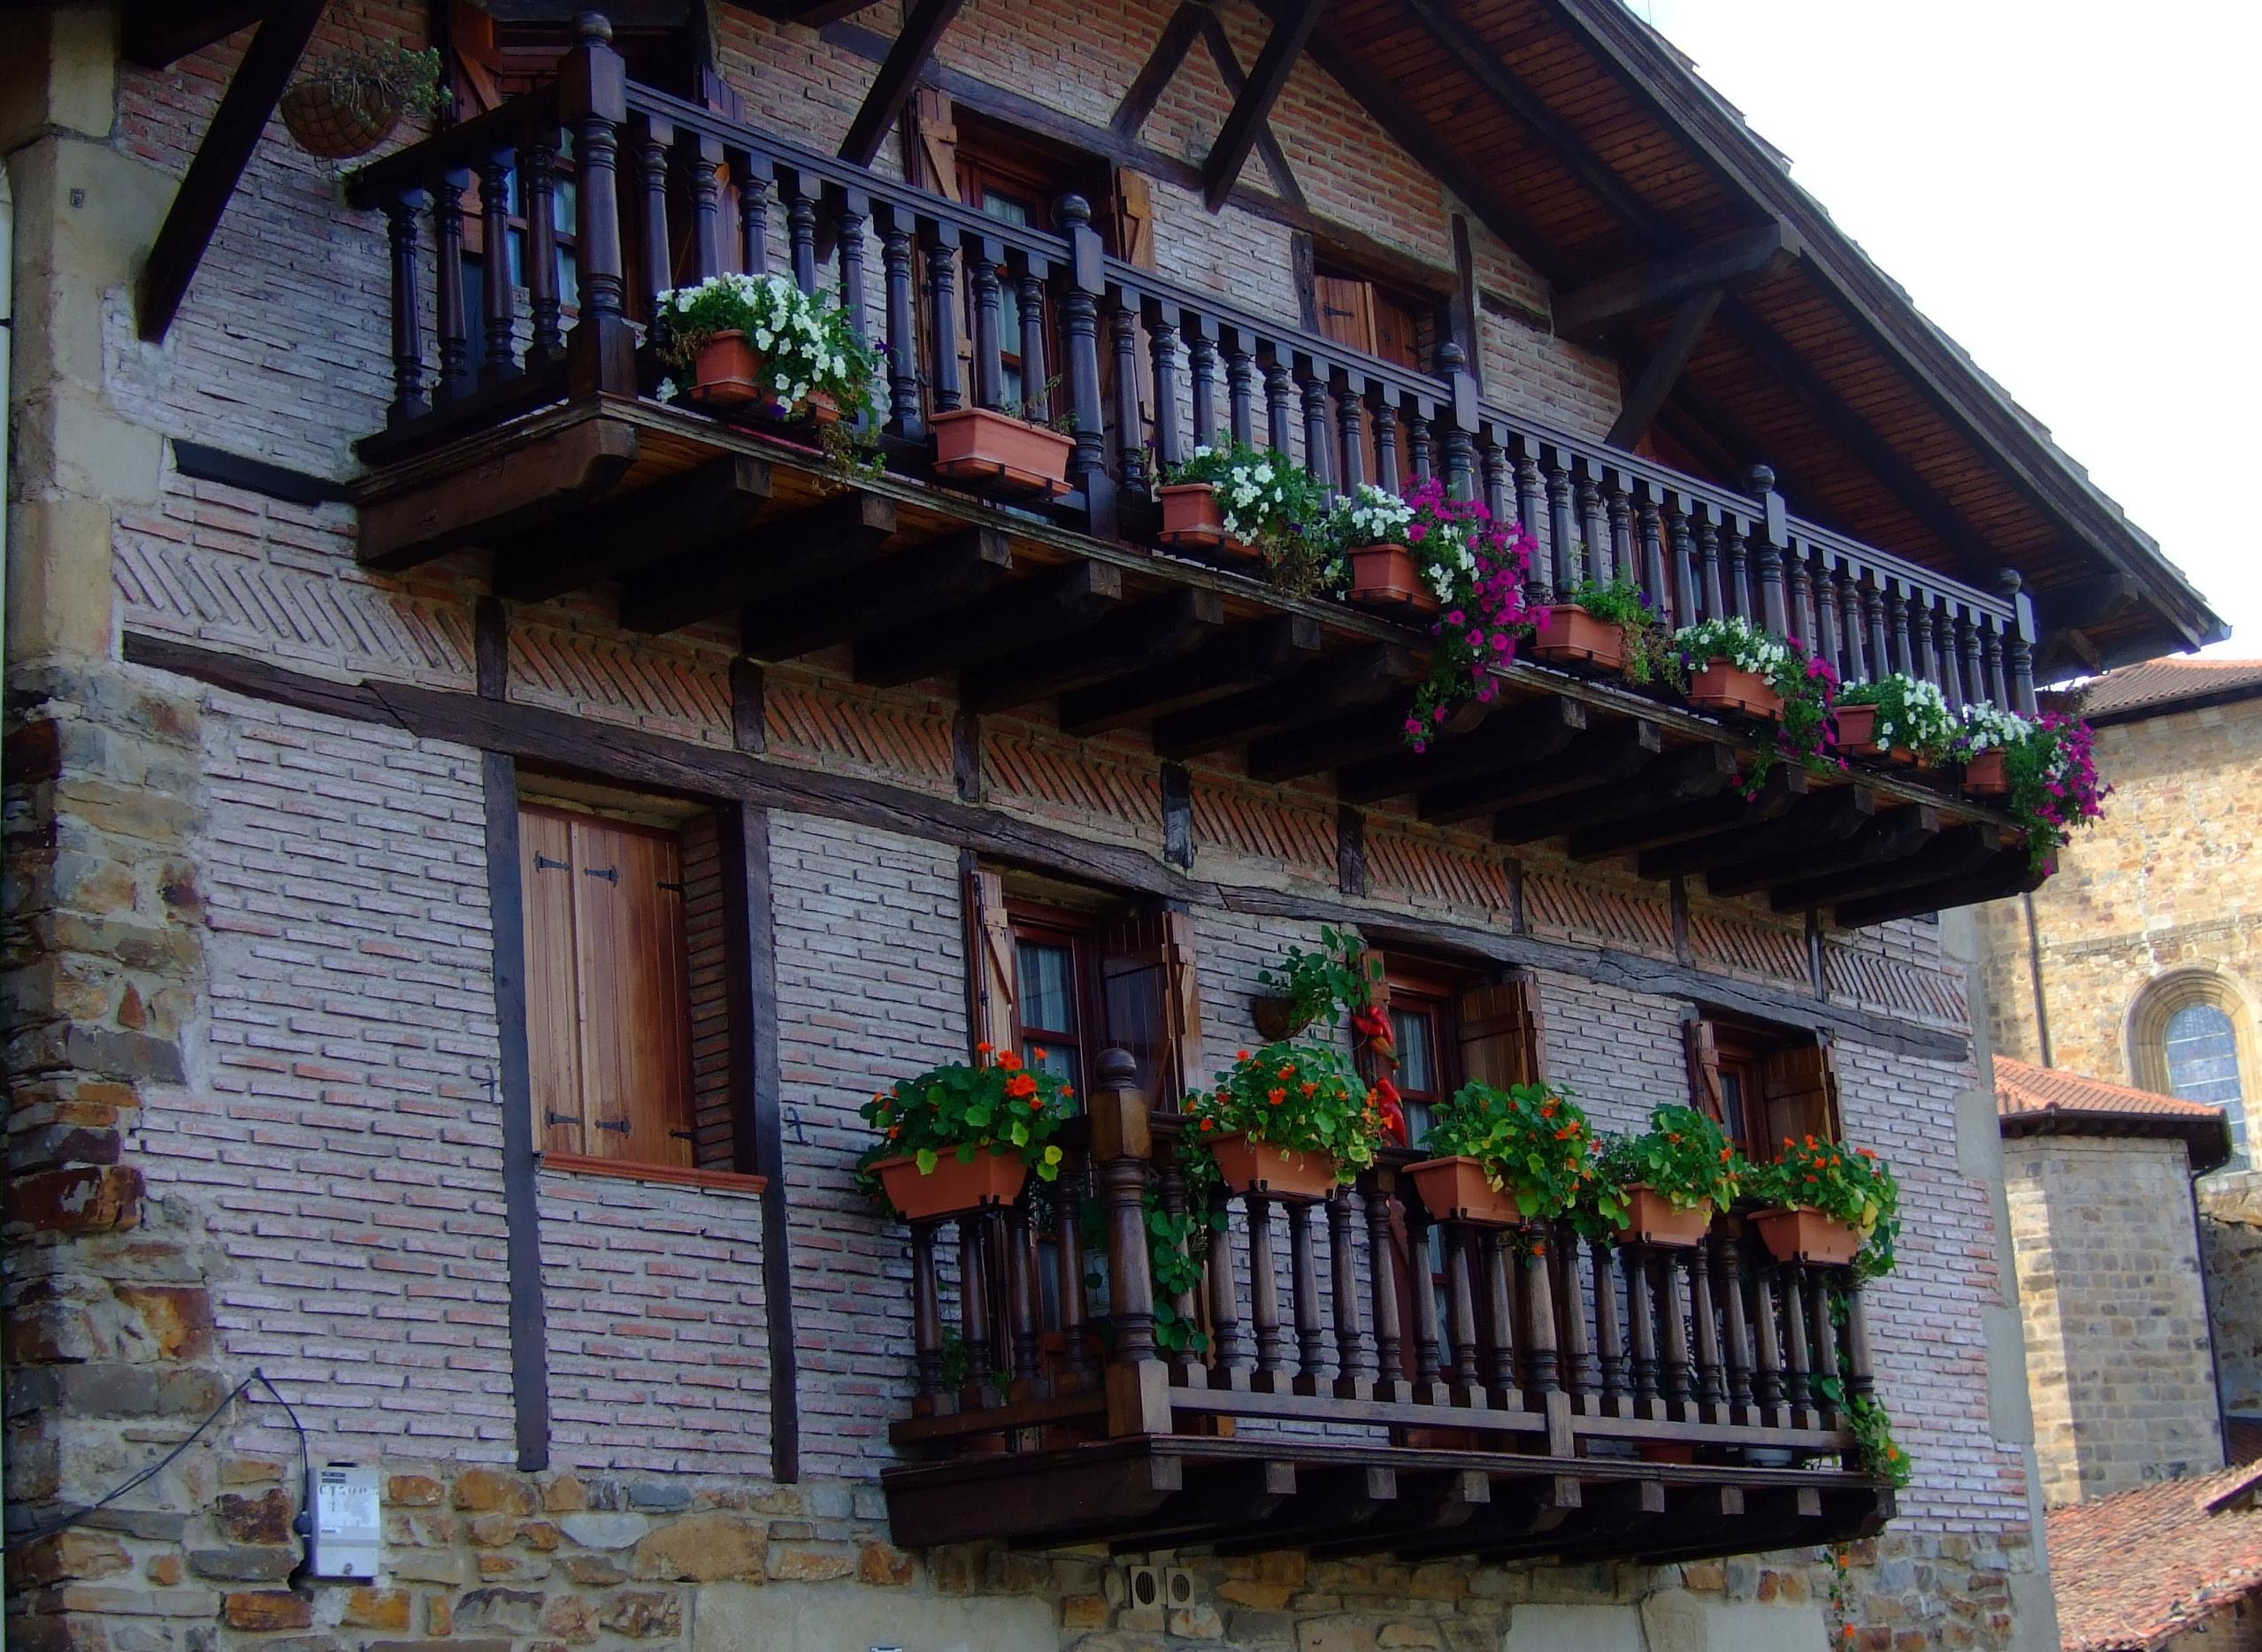 Tipica balconada vasca